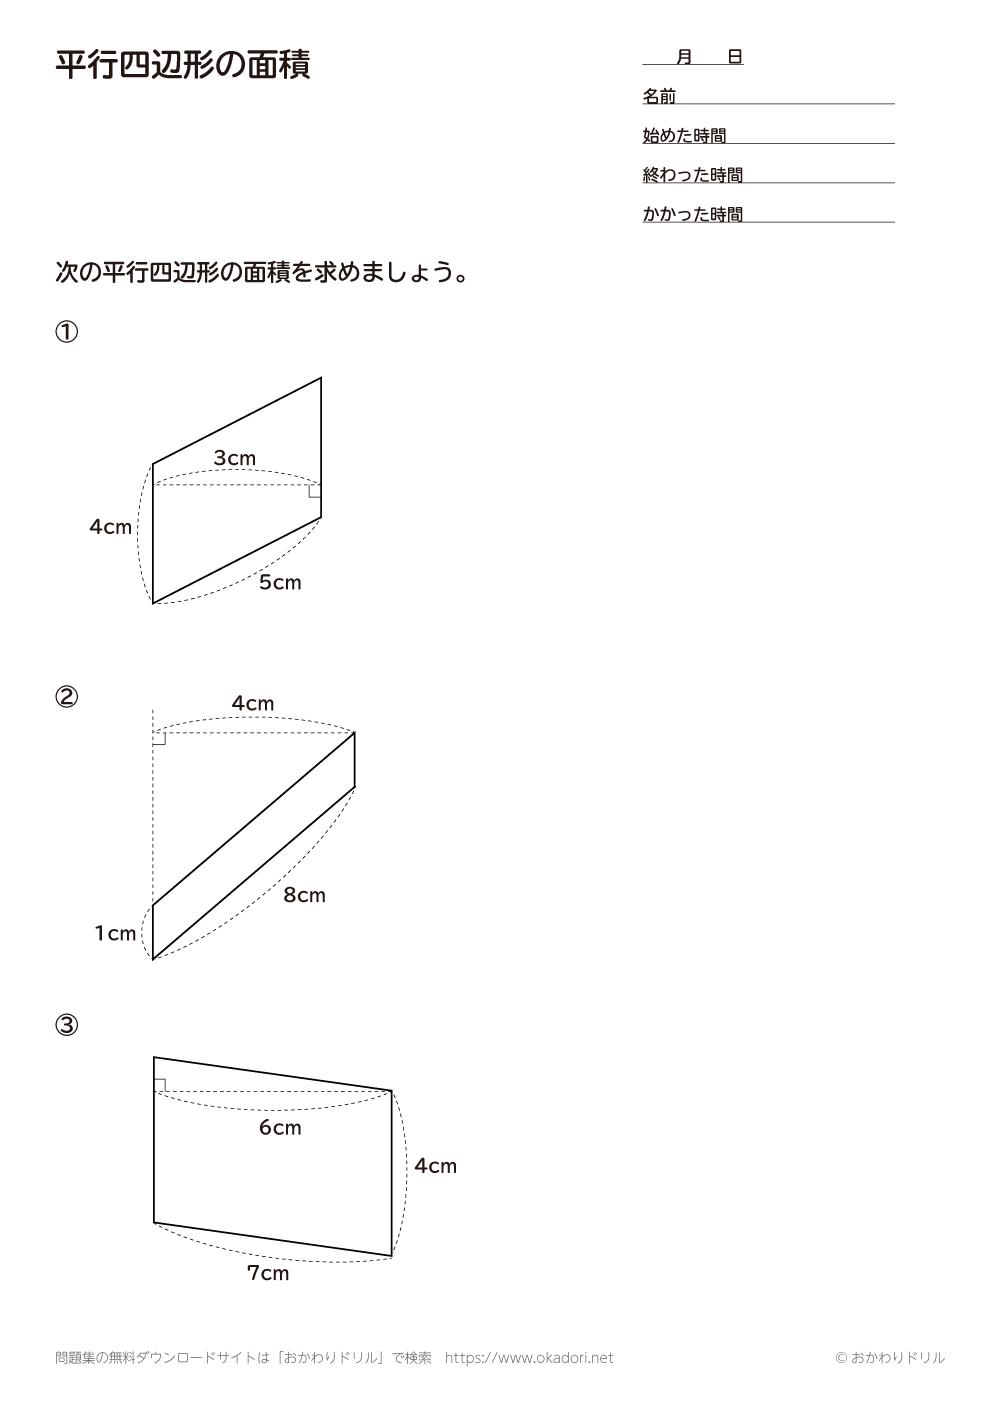 平行四辺形の面積4